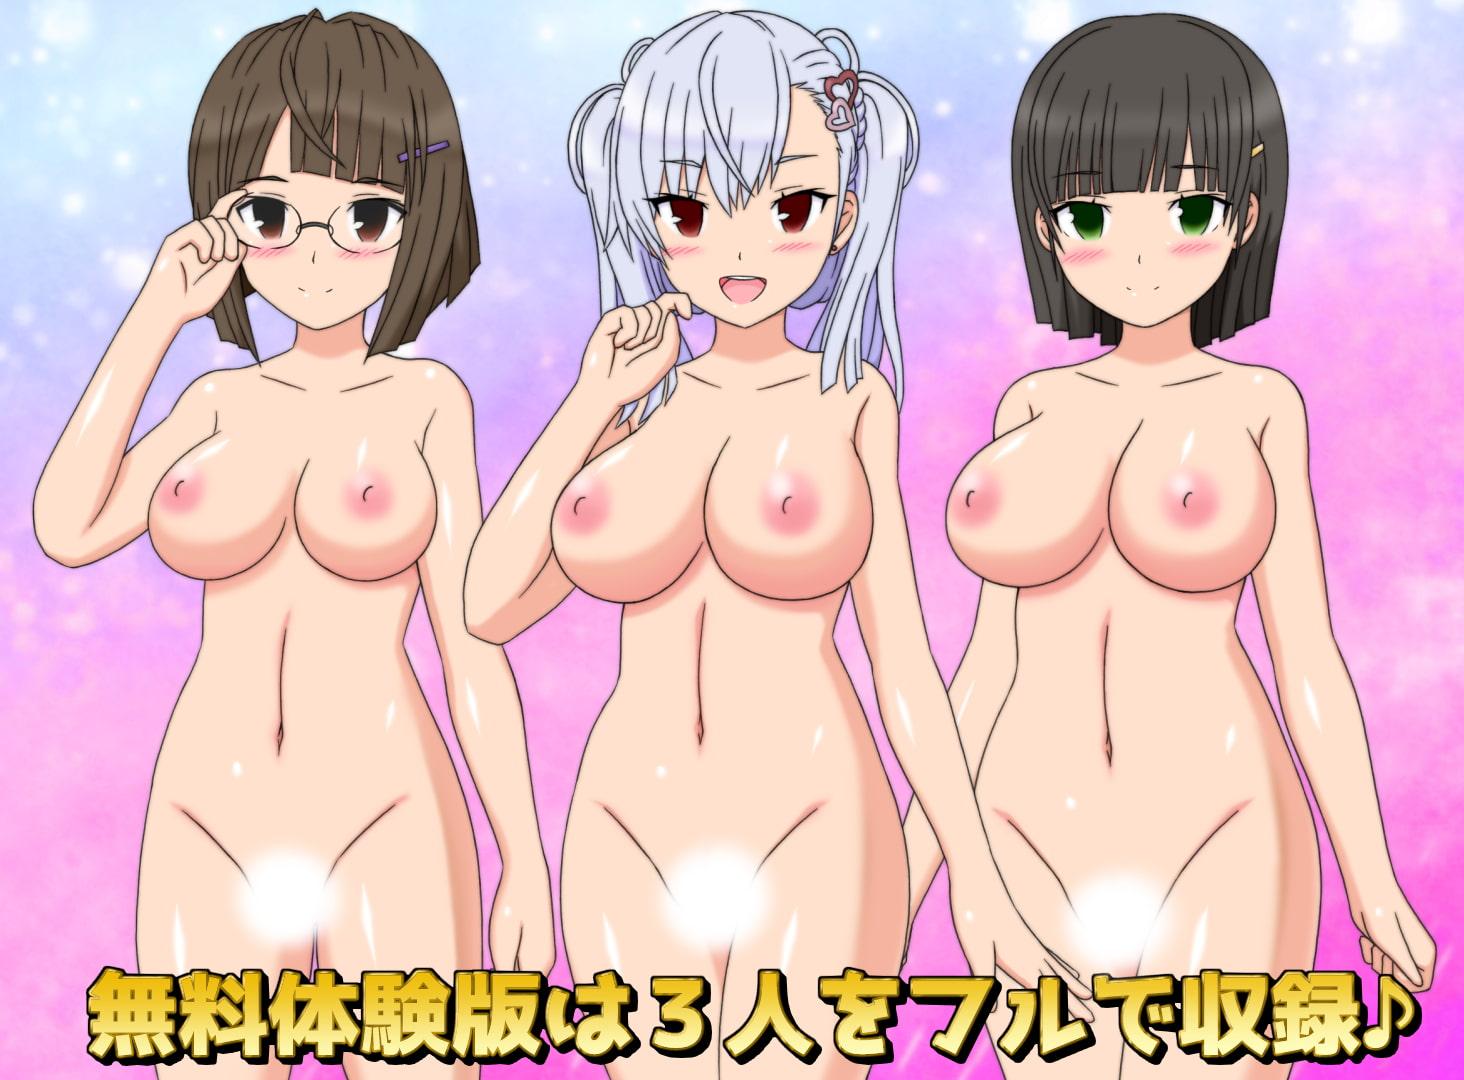 27人のパイパンヌードの女の子を視姦したい人向けのCG集#全日本放課後美少女倶楽部